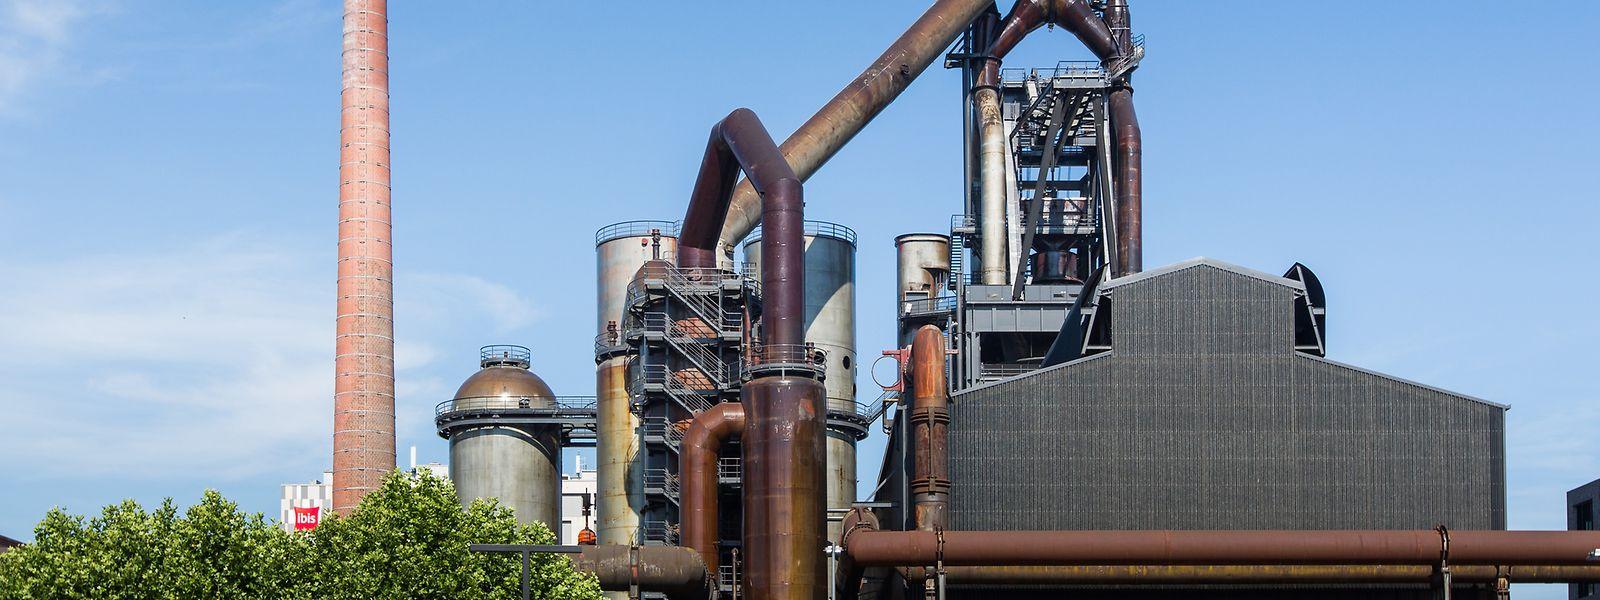 Nächste Woche soll eine gemeinnützige Vereinigung gegründet werden, die Akteure der Industriekultur vernetzen soll.